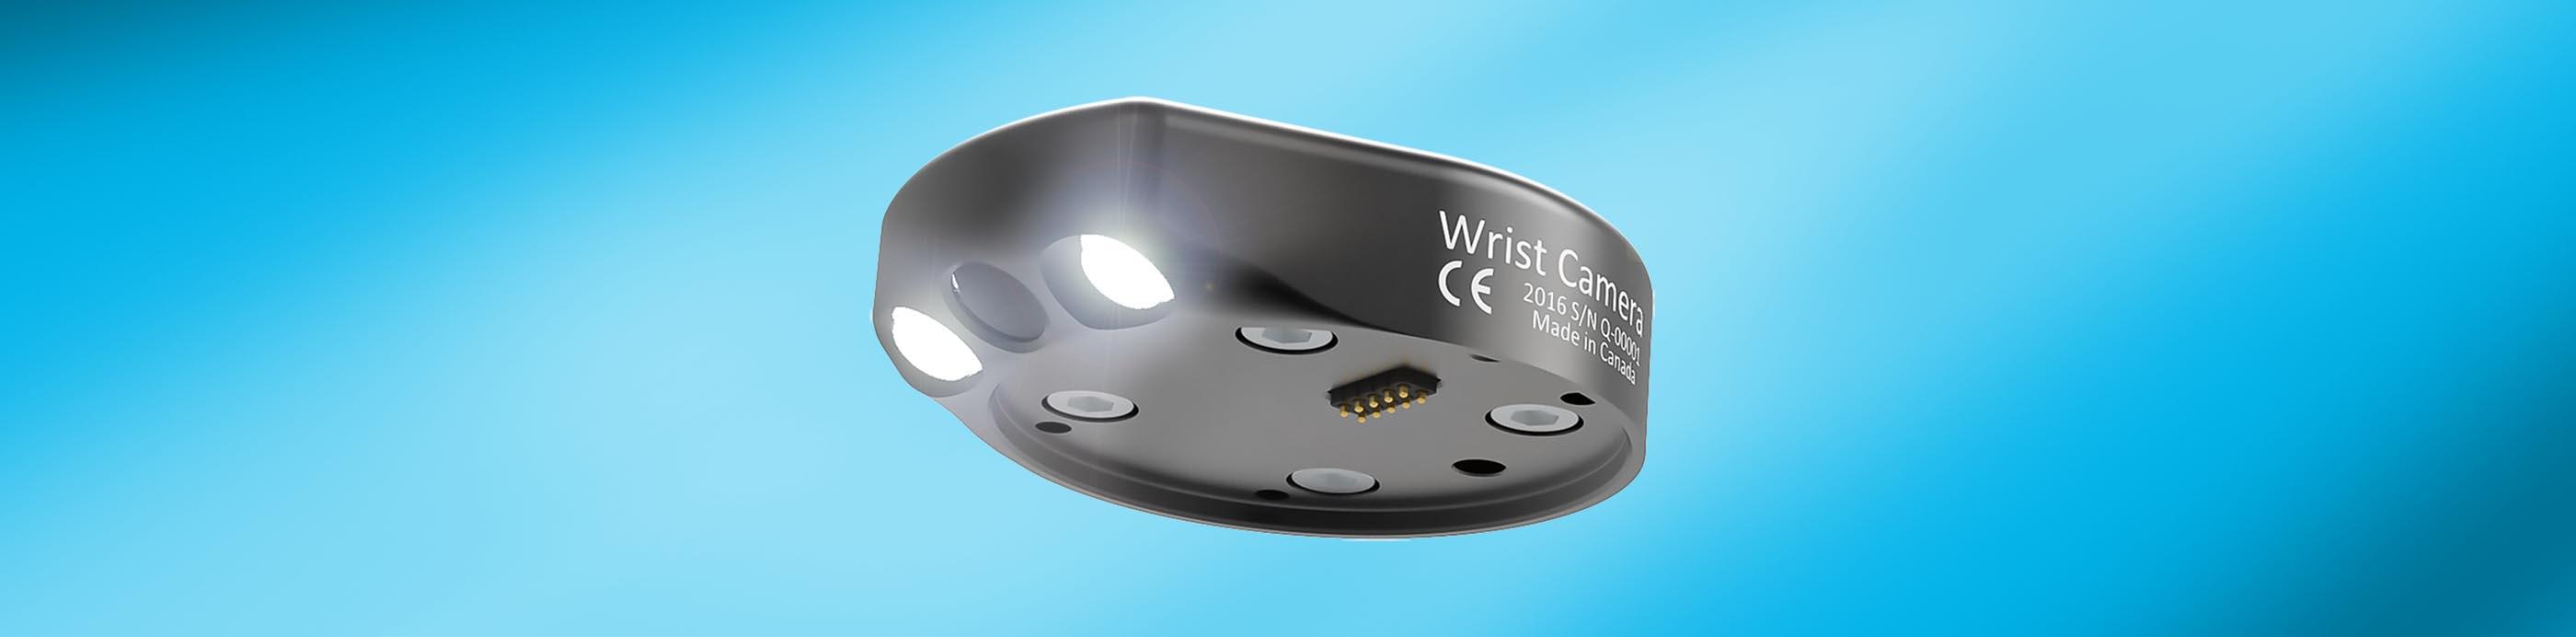 Course Image Wrist Camera